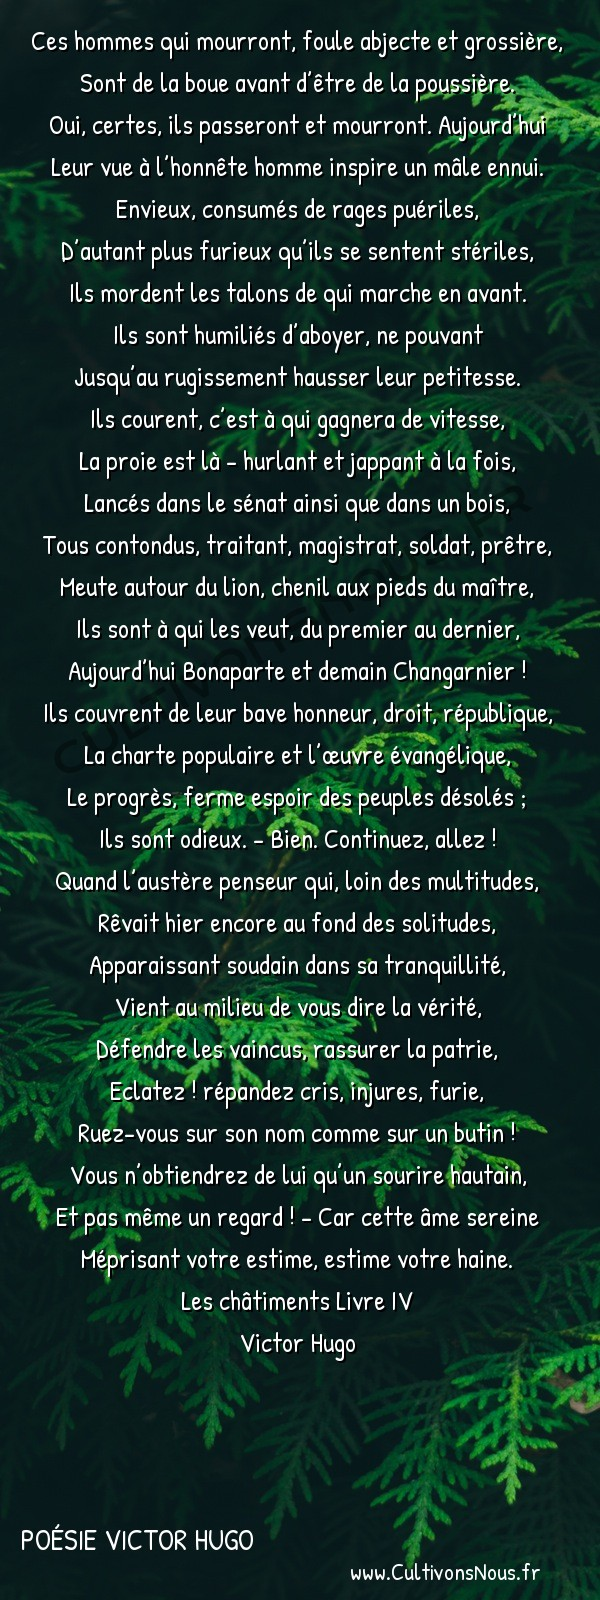 Poésie Victor Hugo - Les châtiments Livre IV - Ecrit le 17 juillet 1851 en descendant de la tribune -  Ces hommes qui mourront, foule abjecte et grossière, Sont de la boue avant d'être de la poussière.